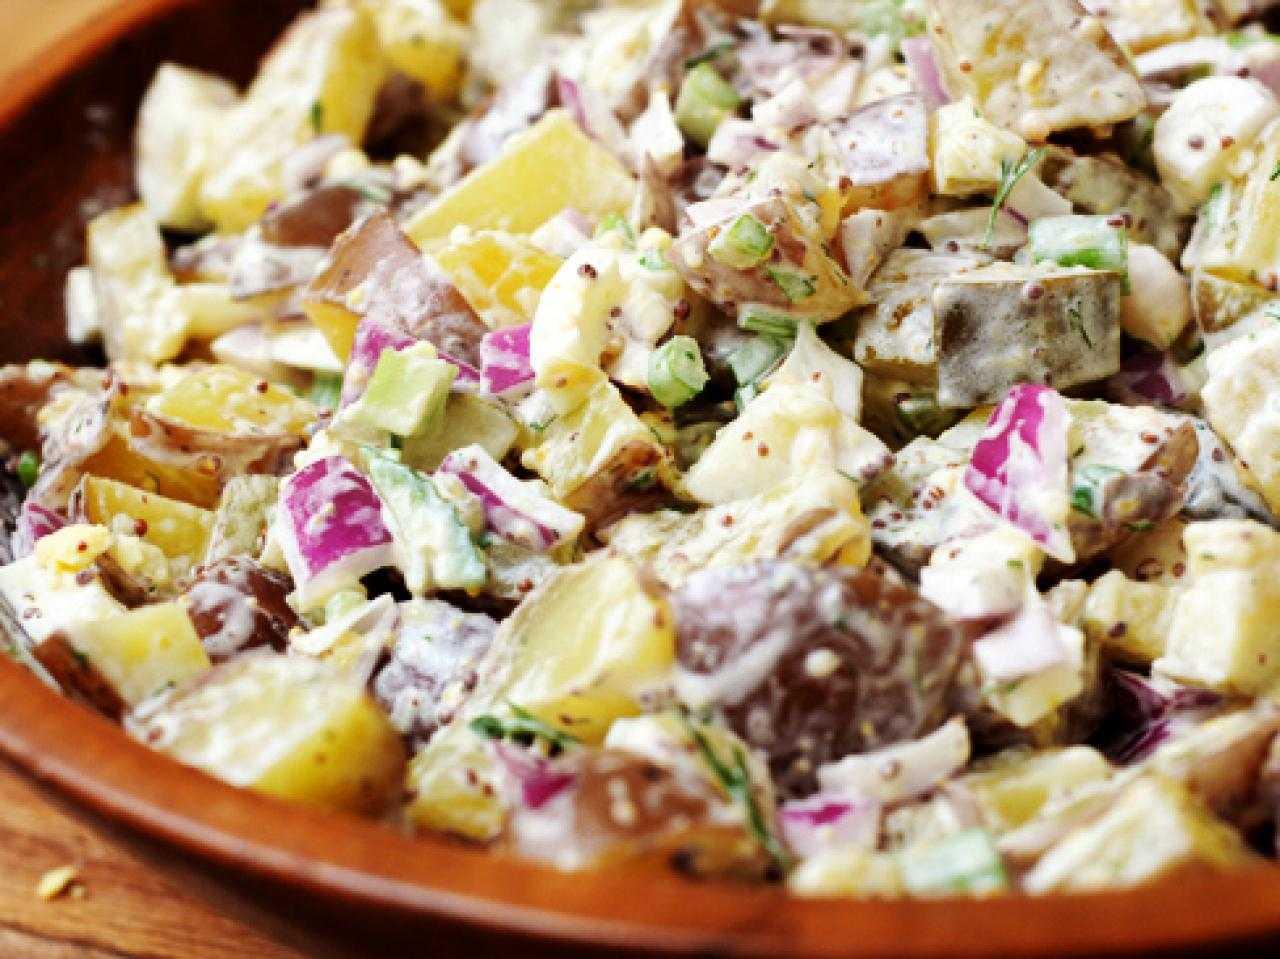 best-potato-salad-hgtv-best-potato-salad